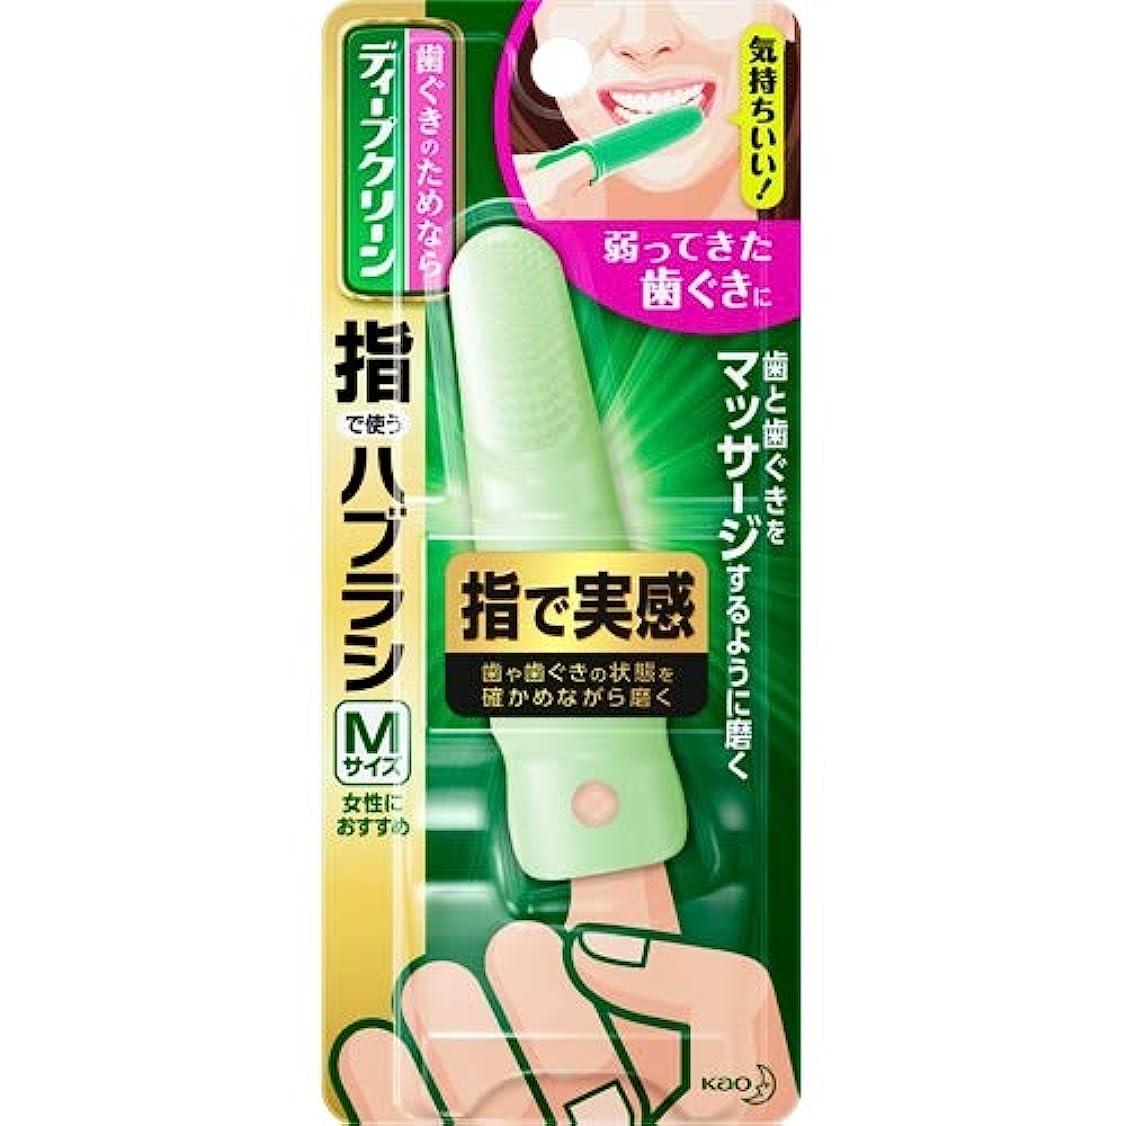 経験的クスコ炭素ディープクリーン 指で使うハブラシ Mサイズ (女性におすすめサイズ)